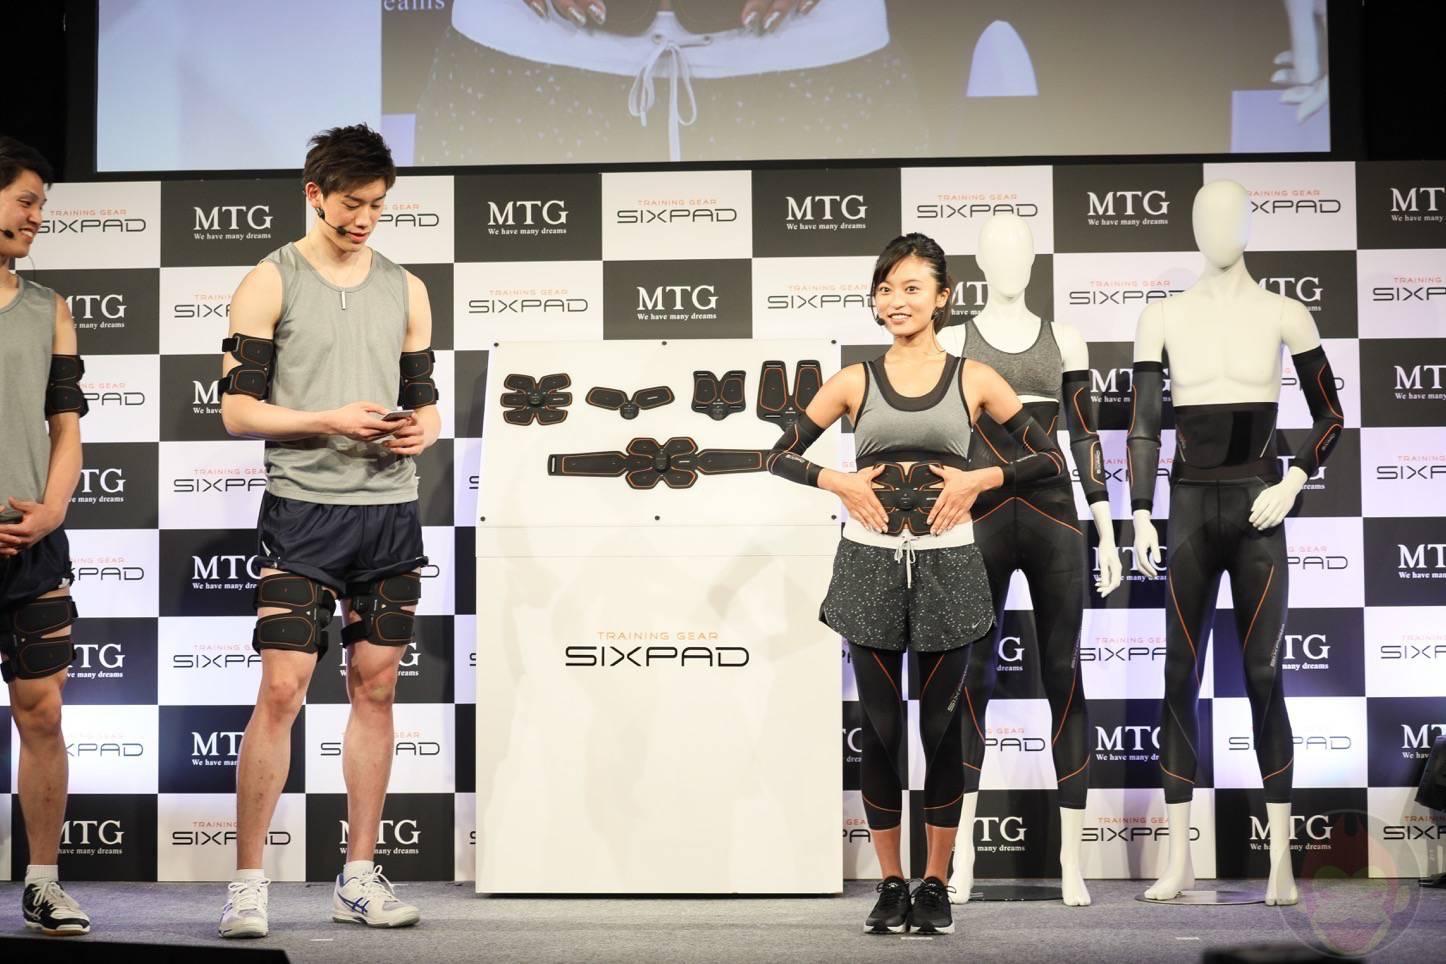 MTG-SIXPAD-New-Products-KojiRuri-Ishikawa-65.jpg